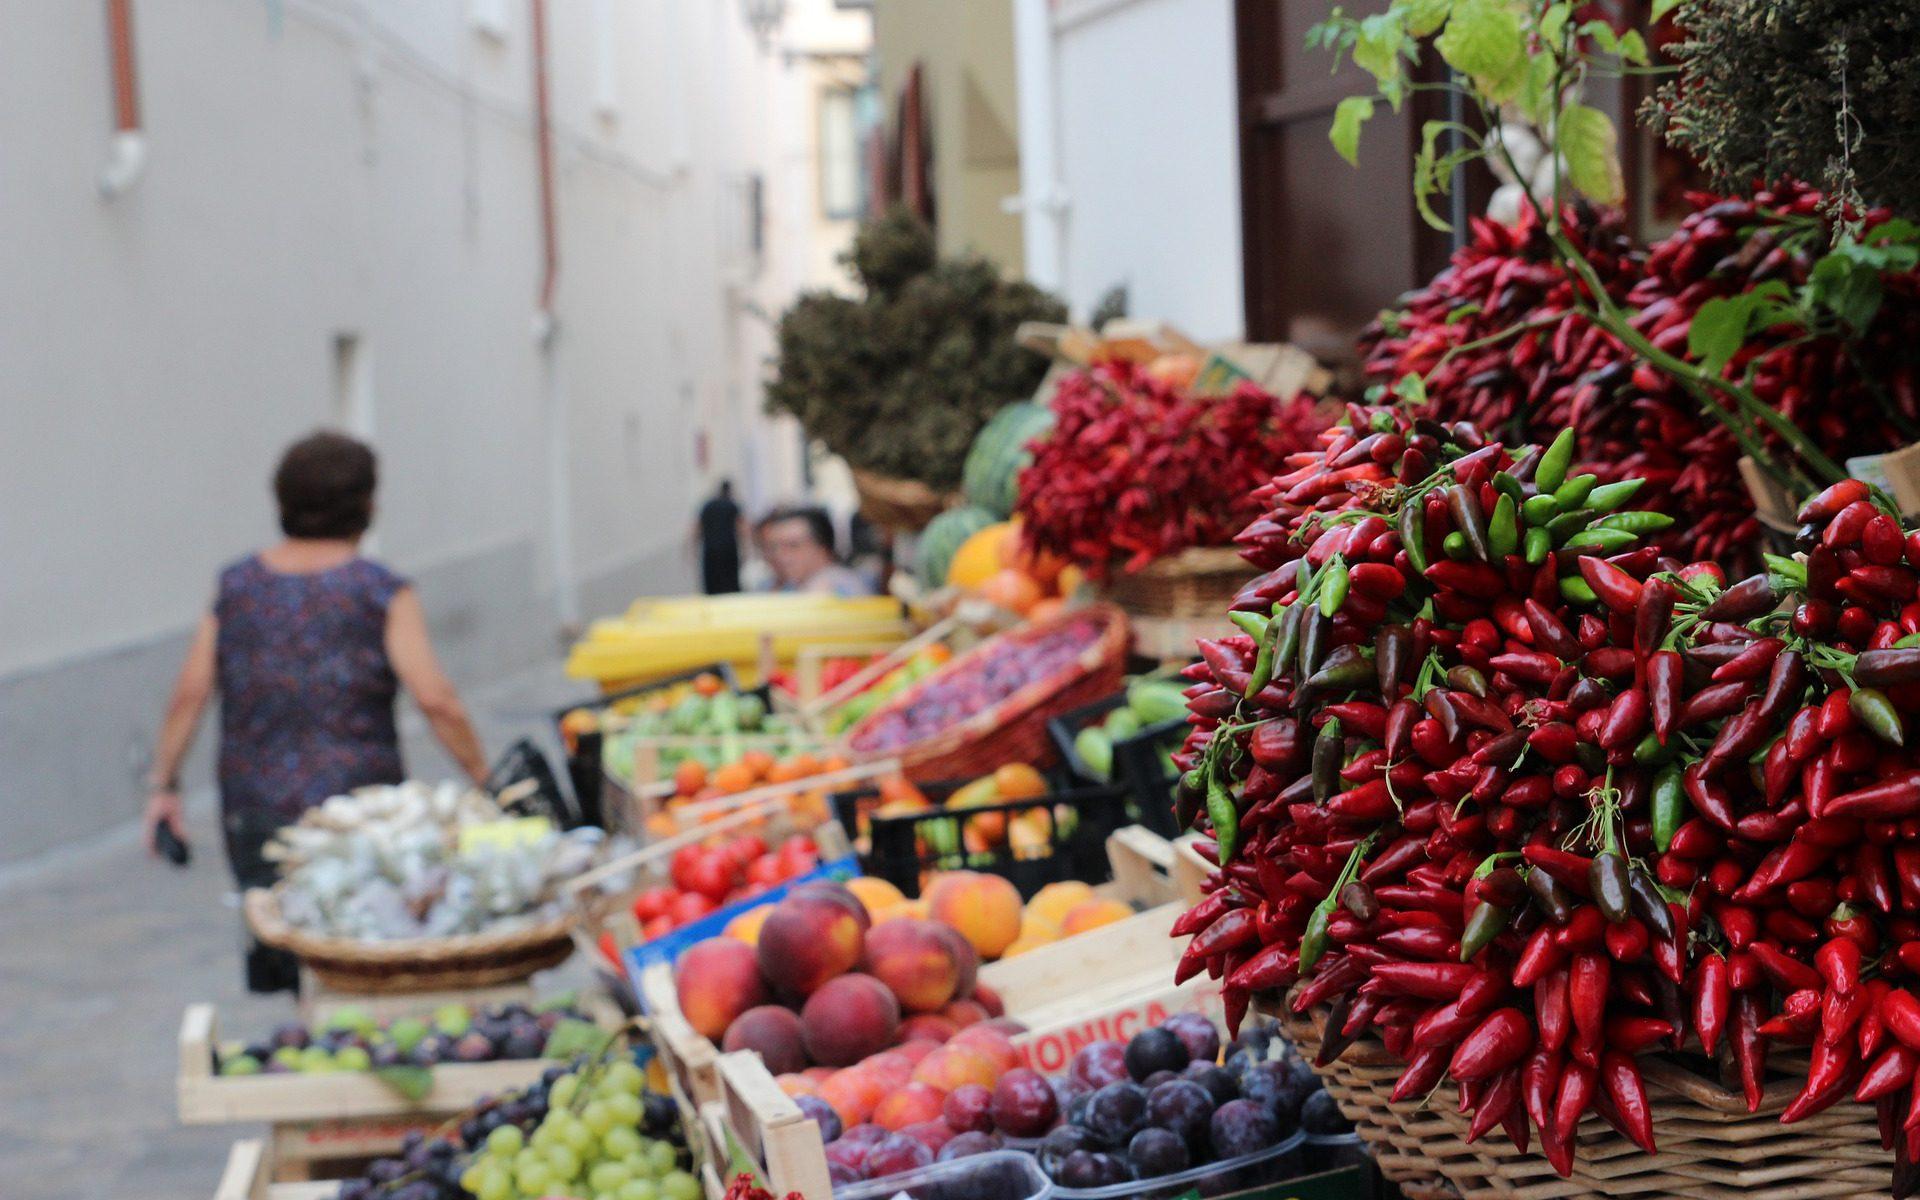 Innenstadt in Apulien mit Peperoni